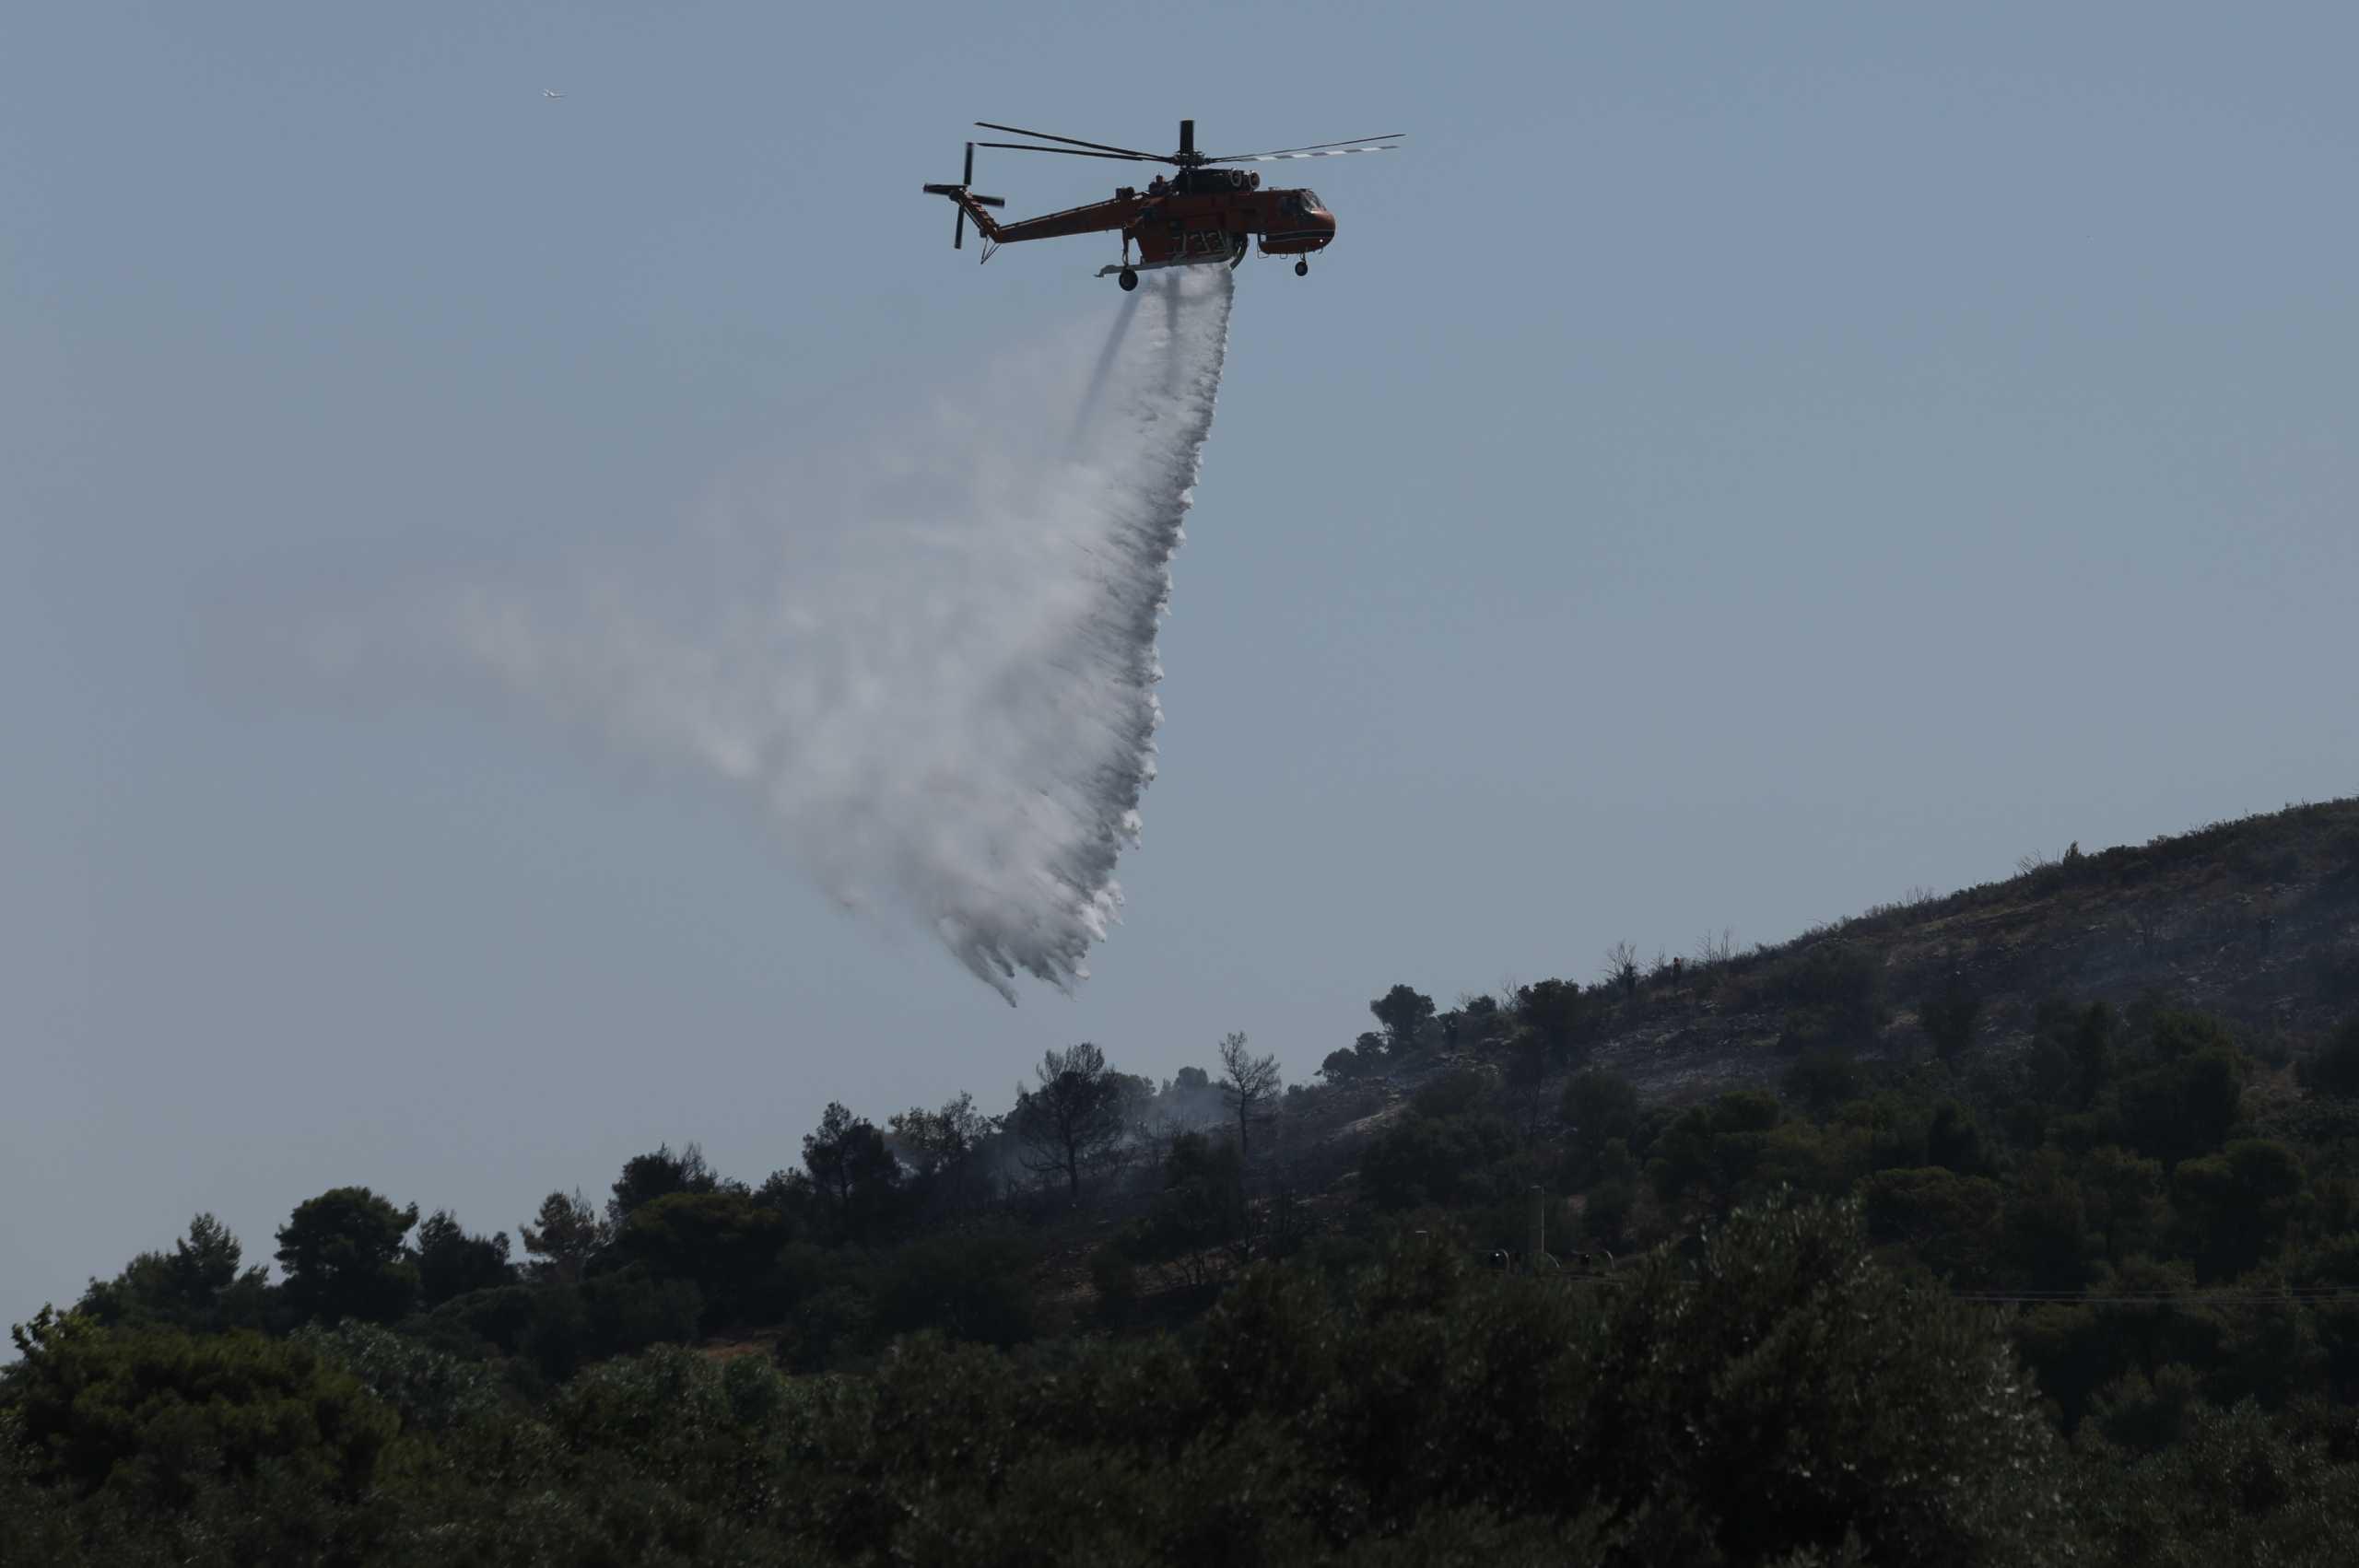 Ηράκλειο: Φωτιά στην Άνω Μούλια – Επιχείρηση της πυροσβεστικής από έδαφος και αέρα